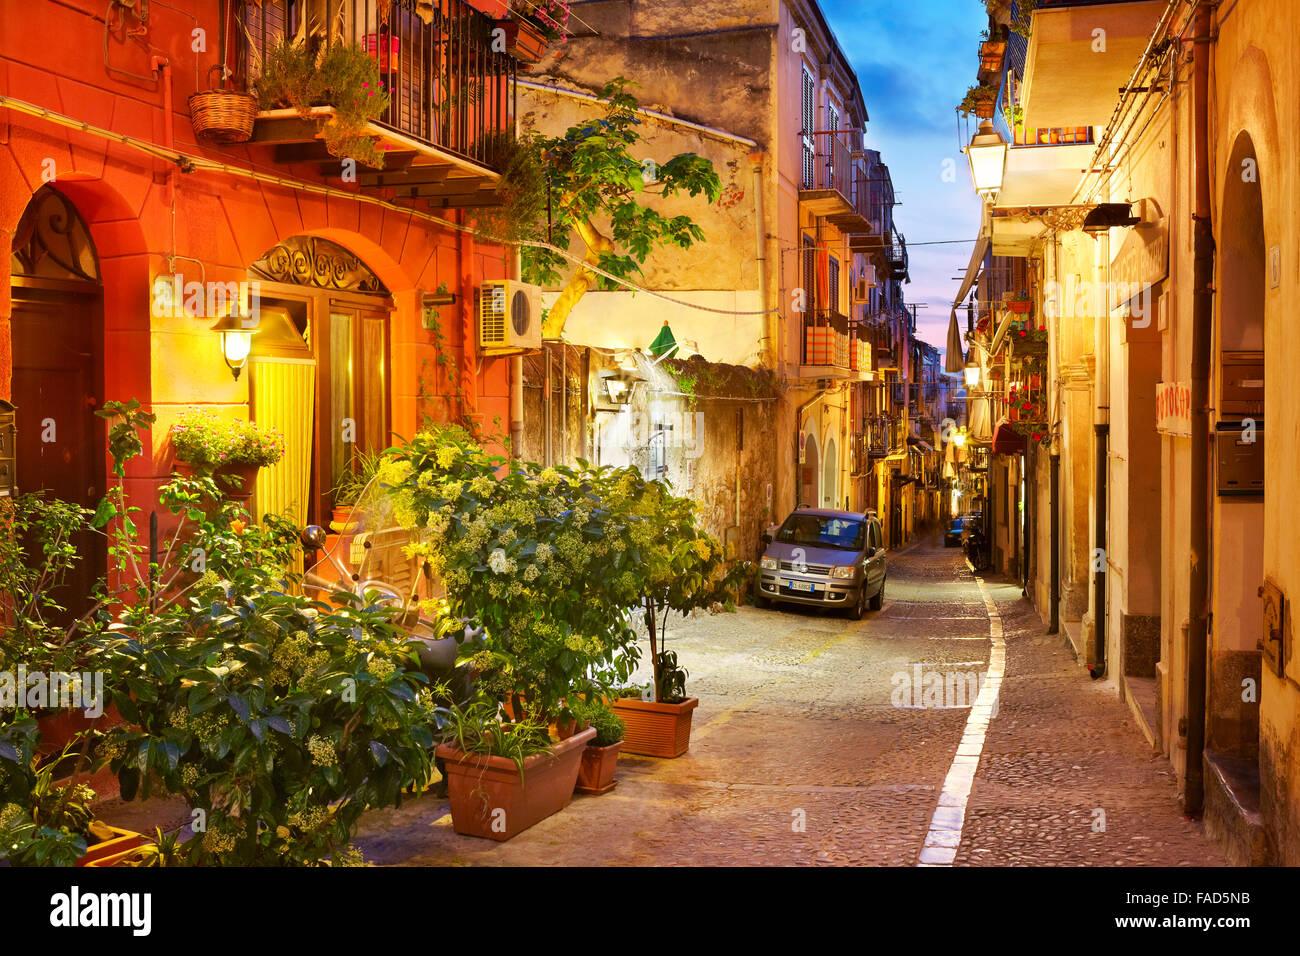 Rue de la vieille ville à l'éclairage du soir, Cefalù, Sicile, Italie Photo Stock